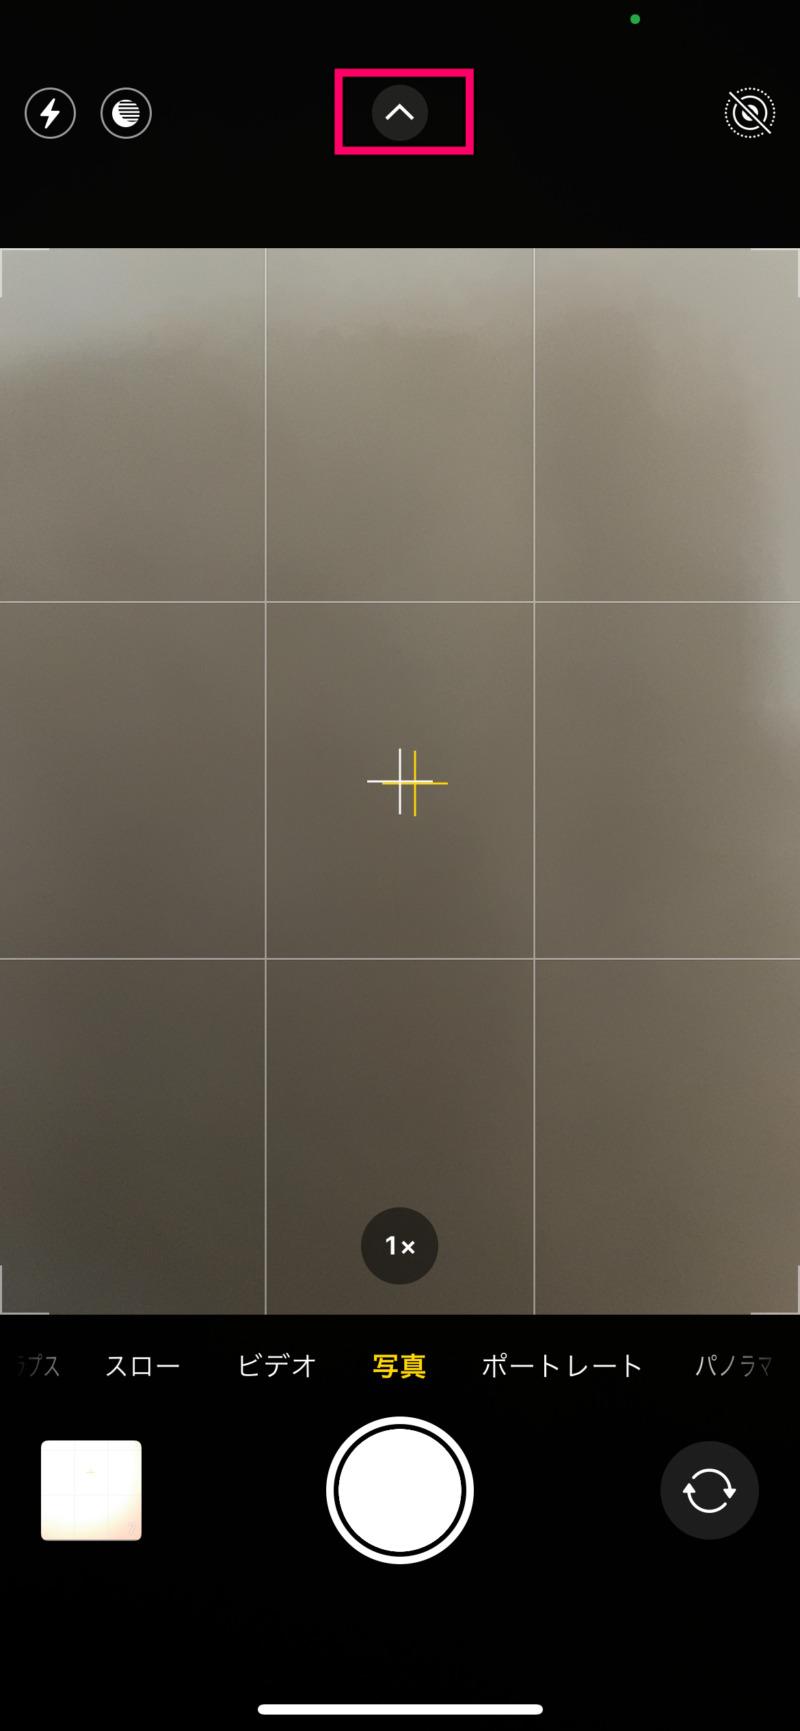 iPhoneのカメラでセルフタイマー撮影する方法